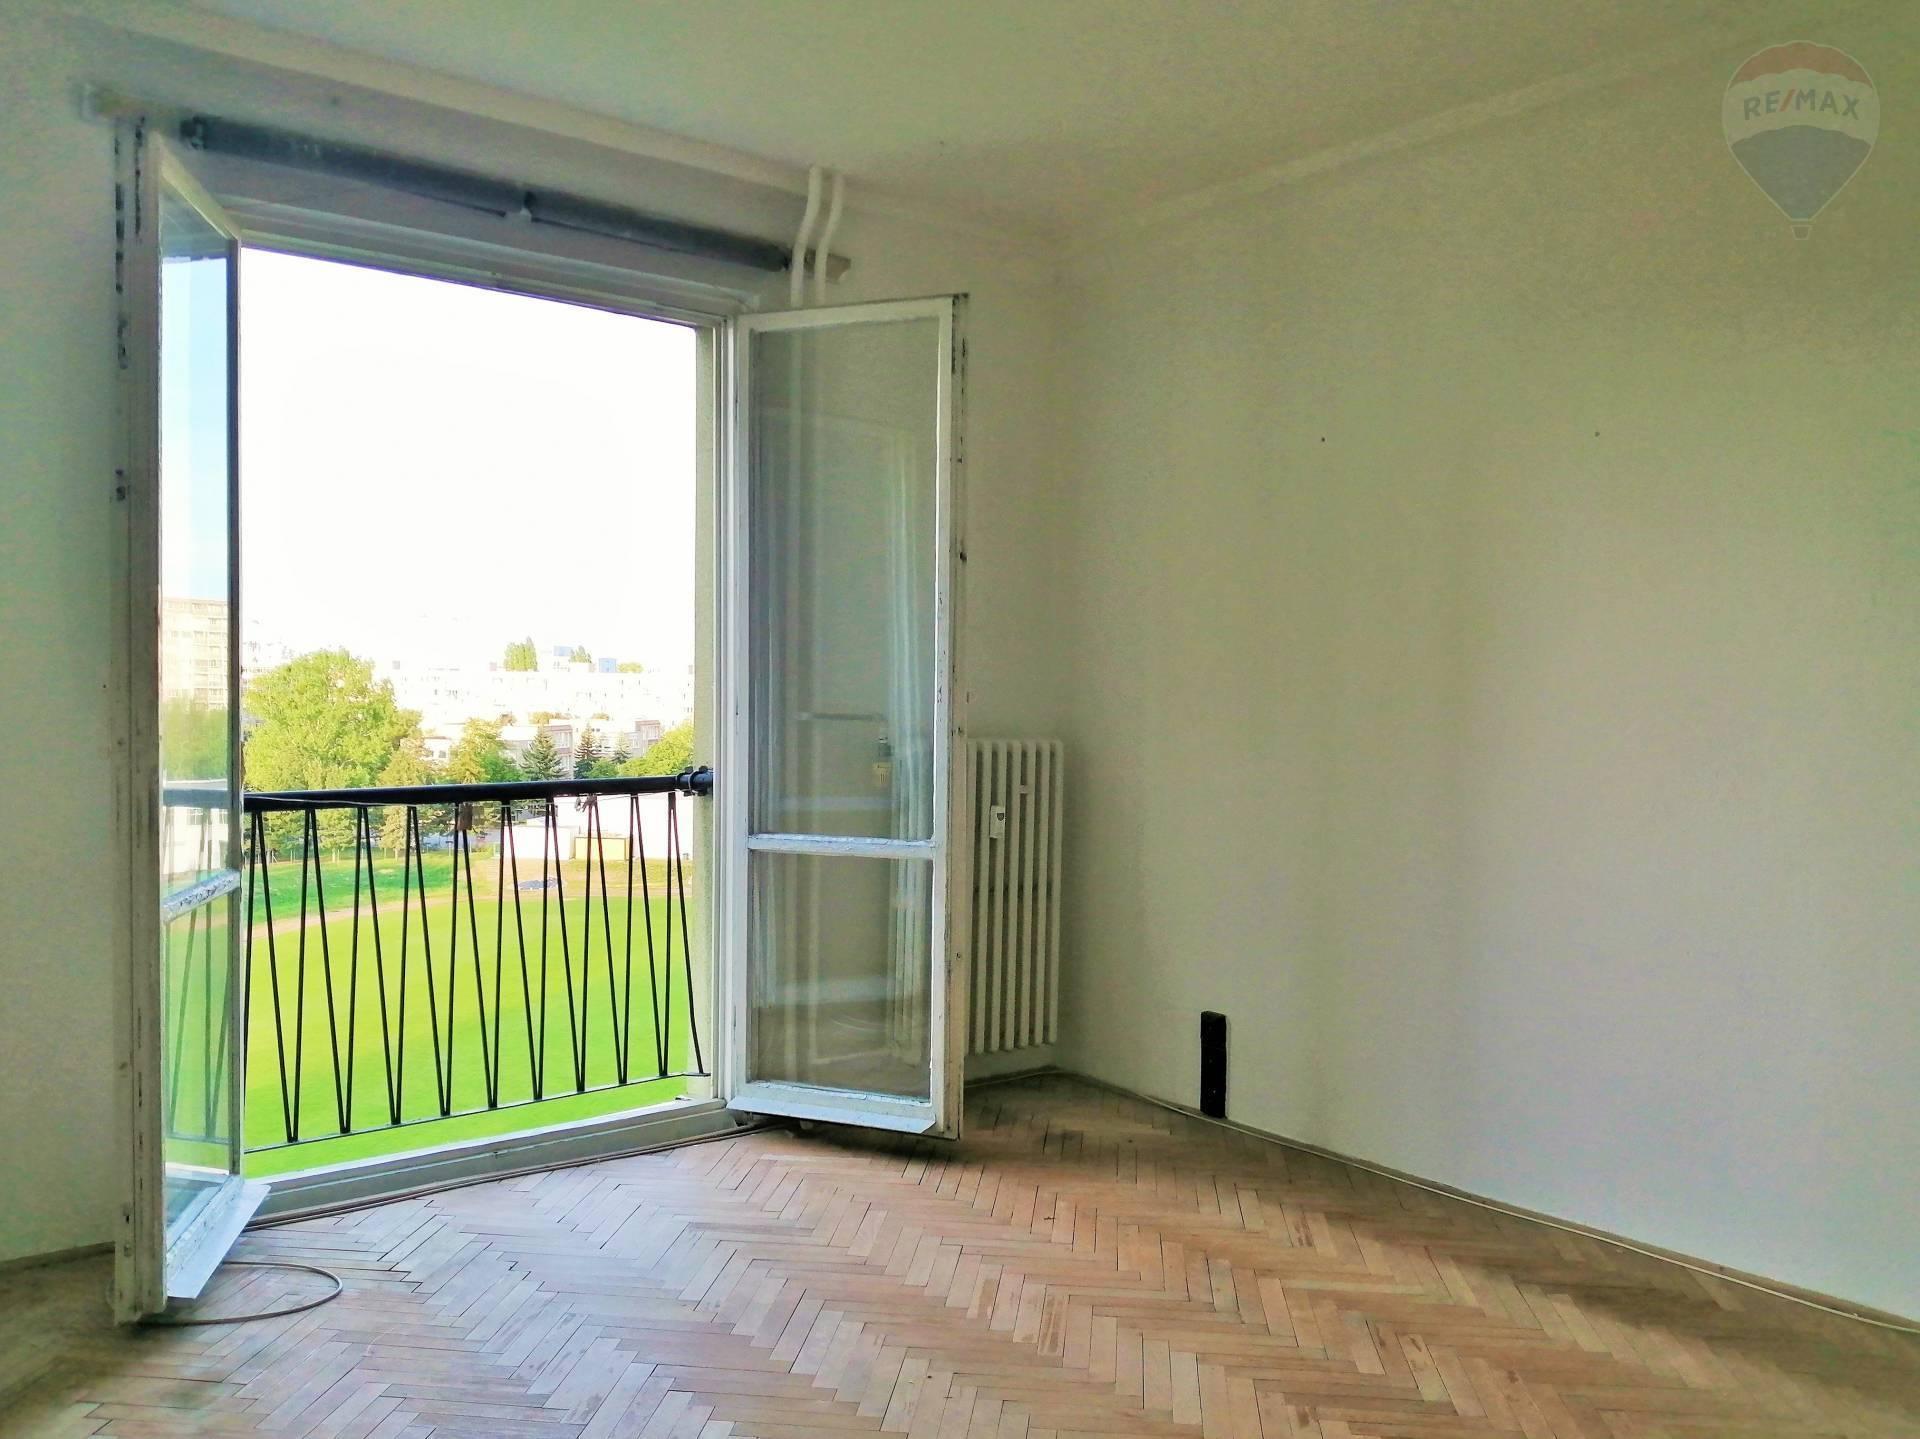 1,5 izbový byt na predaj v pôvodnom stave s francúzskym balkónom pri Štrkoveckom jazere